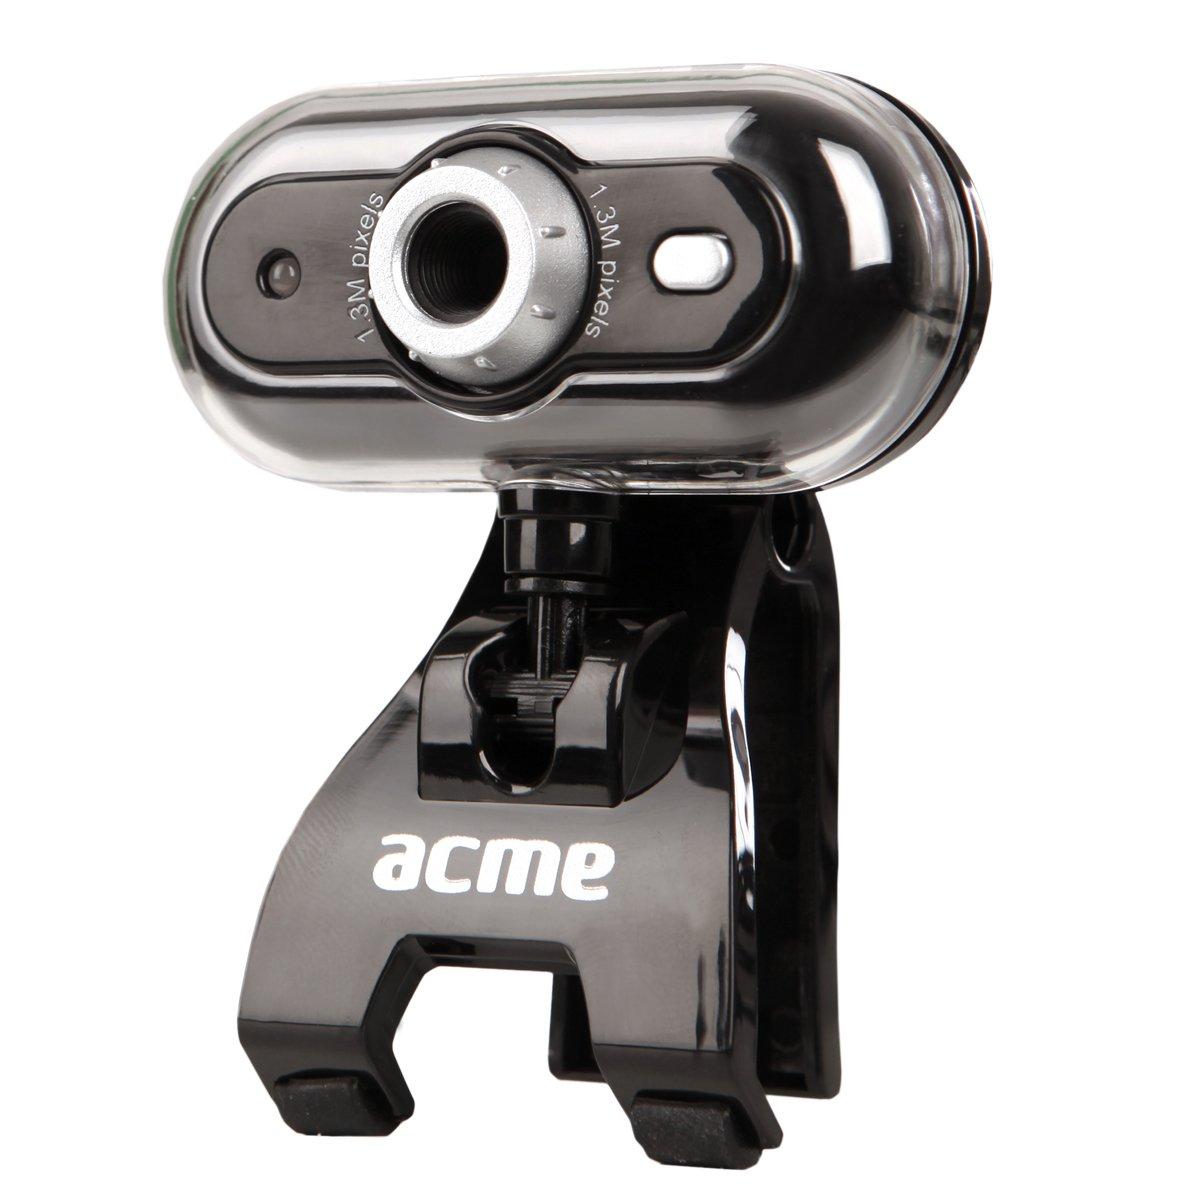 Скачать драйвер для веб камеры acme